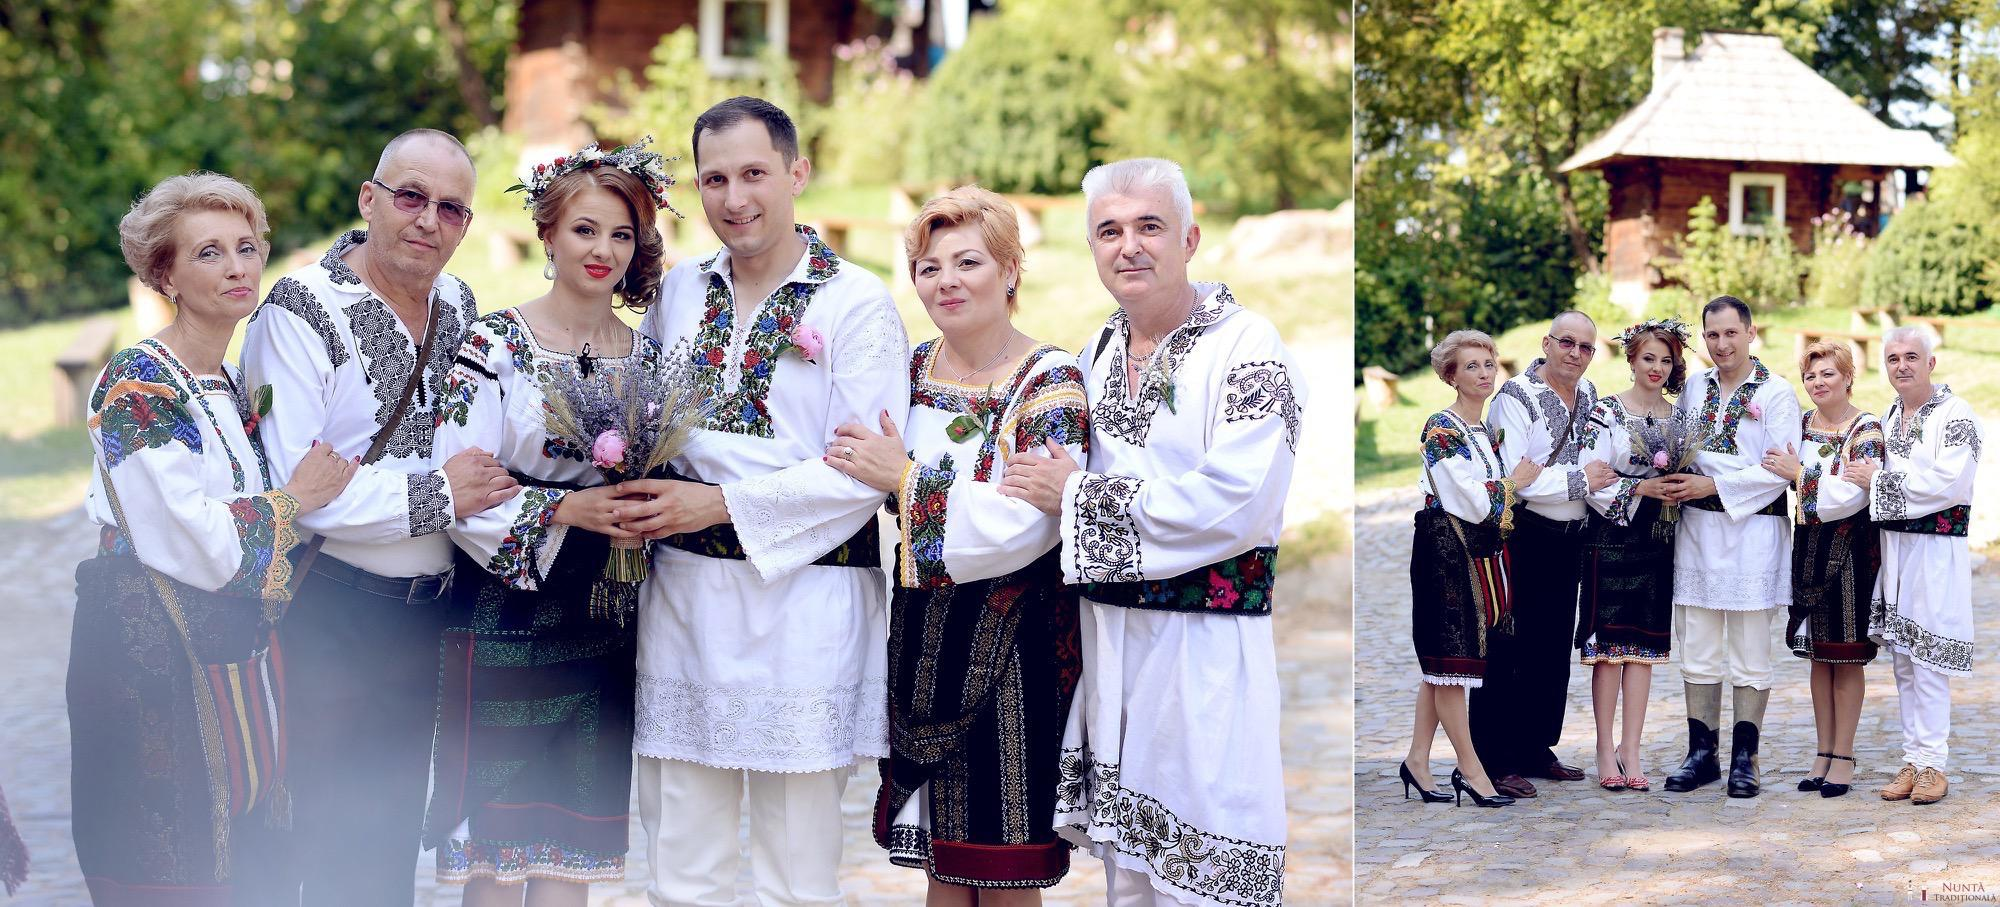 Povești Nunți Tradiționale - Iulia și Andrei. Nuntă tradițională în Bucovina. 55